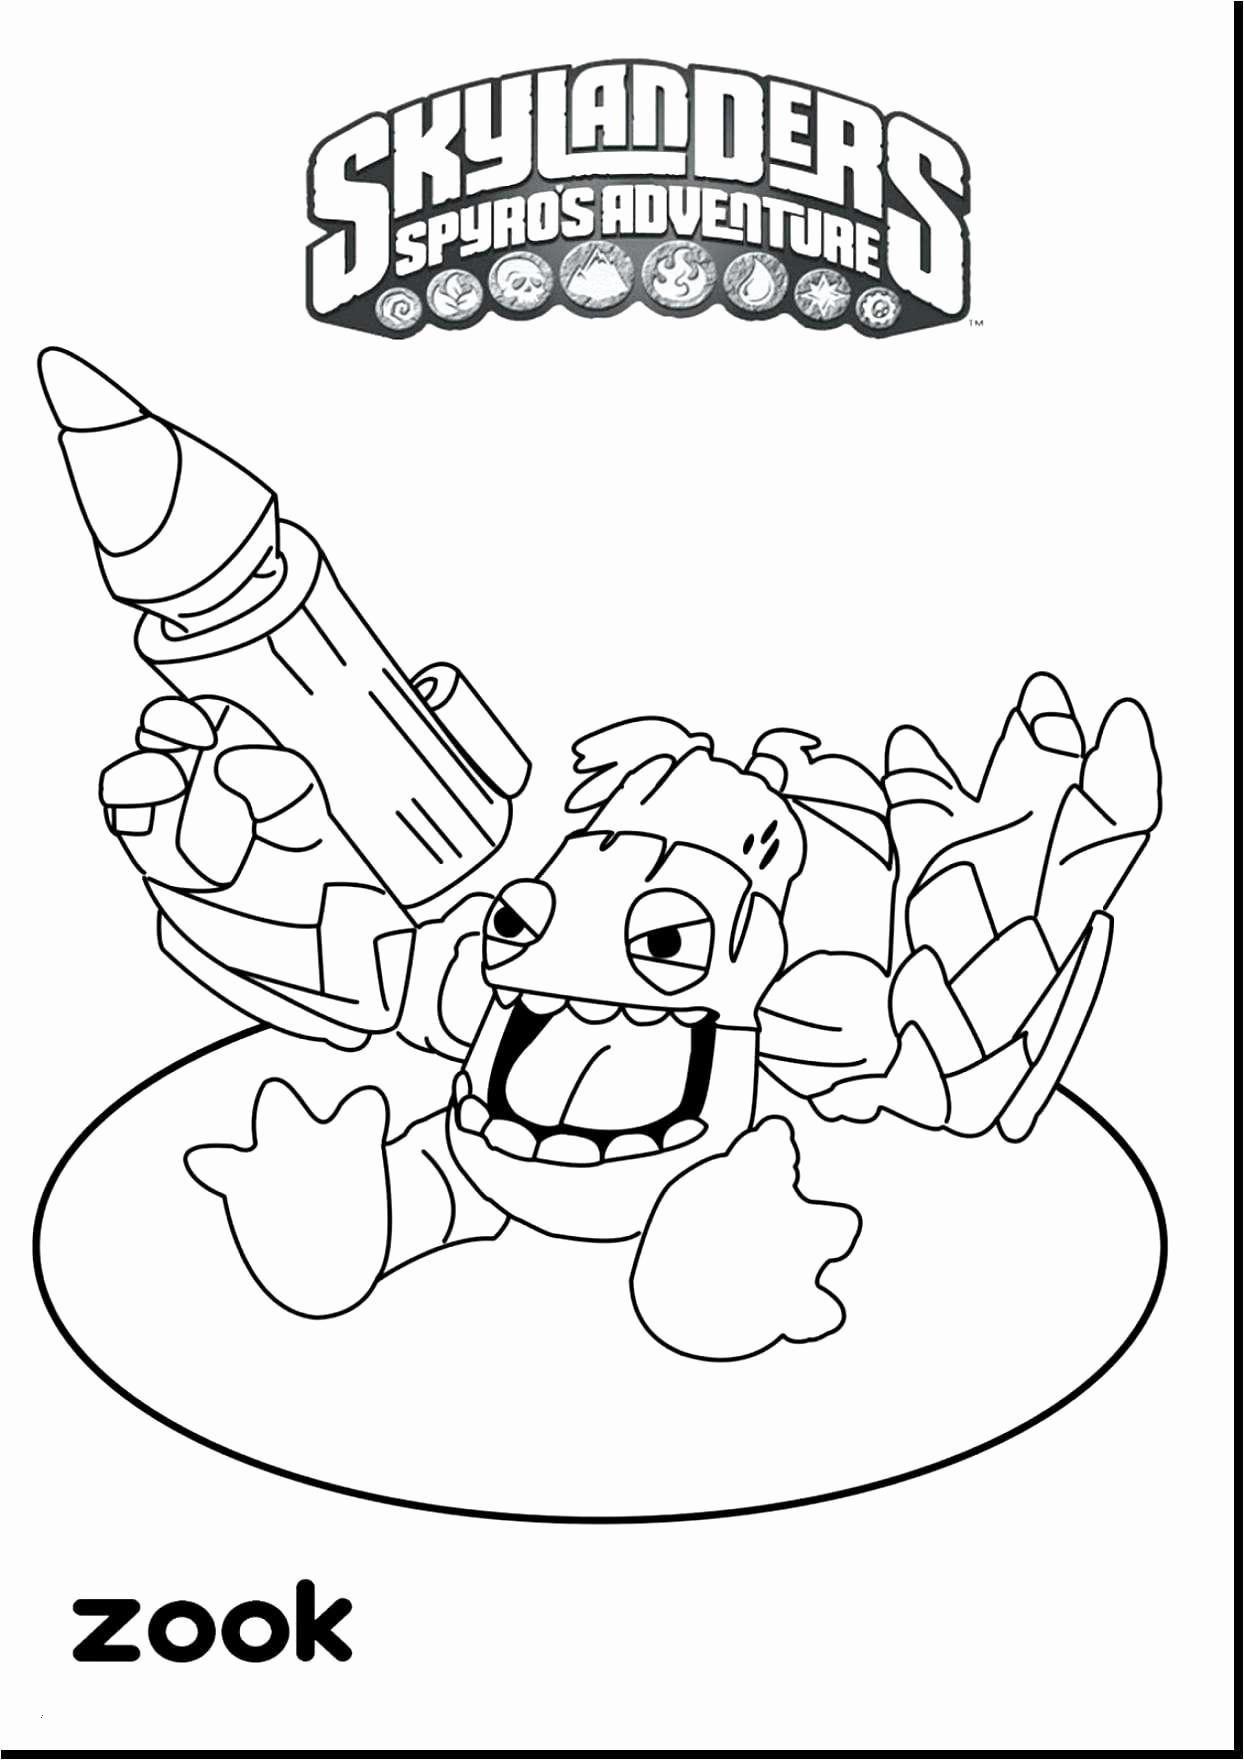 Einhorn Emoji Zum Ausmalen Inspirierend Ausmalbild Einhörner Einhorn Auf Dem Weg Kostenlos Ausdrucken Luxus Galerie